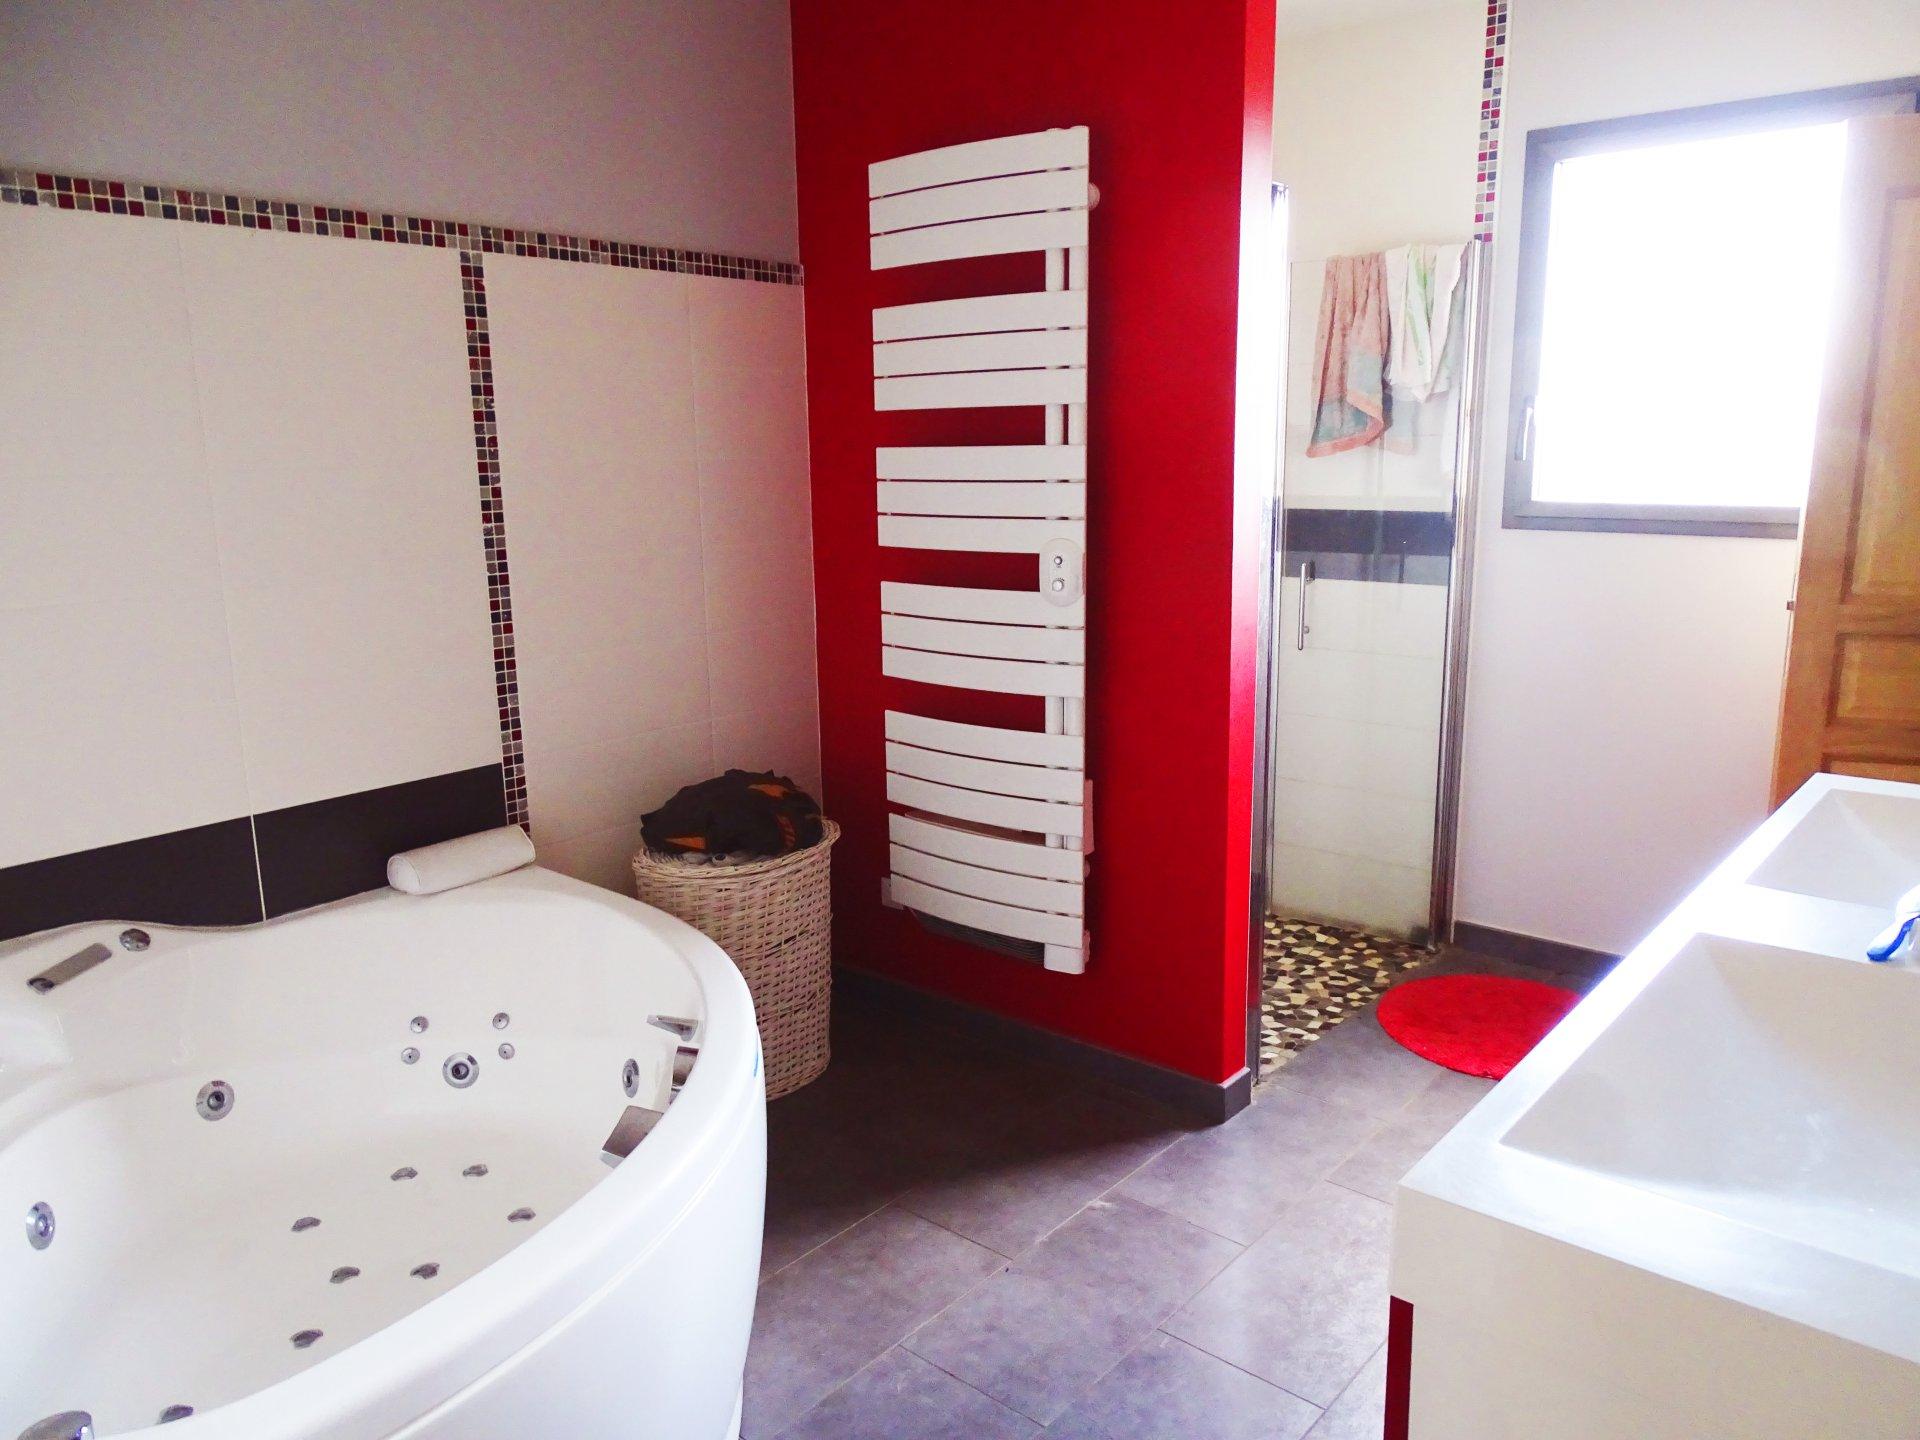 Dans un petit village au calme, 3 km cluny, venez découvrir cette belle villa entièrement rénovée en 2012 offrant une surface habitable de 160 m². Cette maison dispose d'une très belle pièce de vie de 70 m² avec cuisine équipée, une véranda, trois grandes chambres avec placards, une salle de bains avec baignoire balnéo et douche italienne, une buanderie, un toilette. Ce bien est également doté d'un sous sol complet (double garage, toilette, chaufferie, cave, une pièce de rangements). Cette maison bénéfice de prestations de qualités : huisseries en aluminium, volets roulants électrique, adoucisseur, VMC double flux, aspiration centralisée piscine avec nage à contre courant.... Le tout est implanté sur un terrain de 2000 m& environ. Environnement très calme, sans vis à vis et vue dégagée. A visiter sans tarder. Honoraires à la charge du vendeur